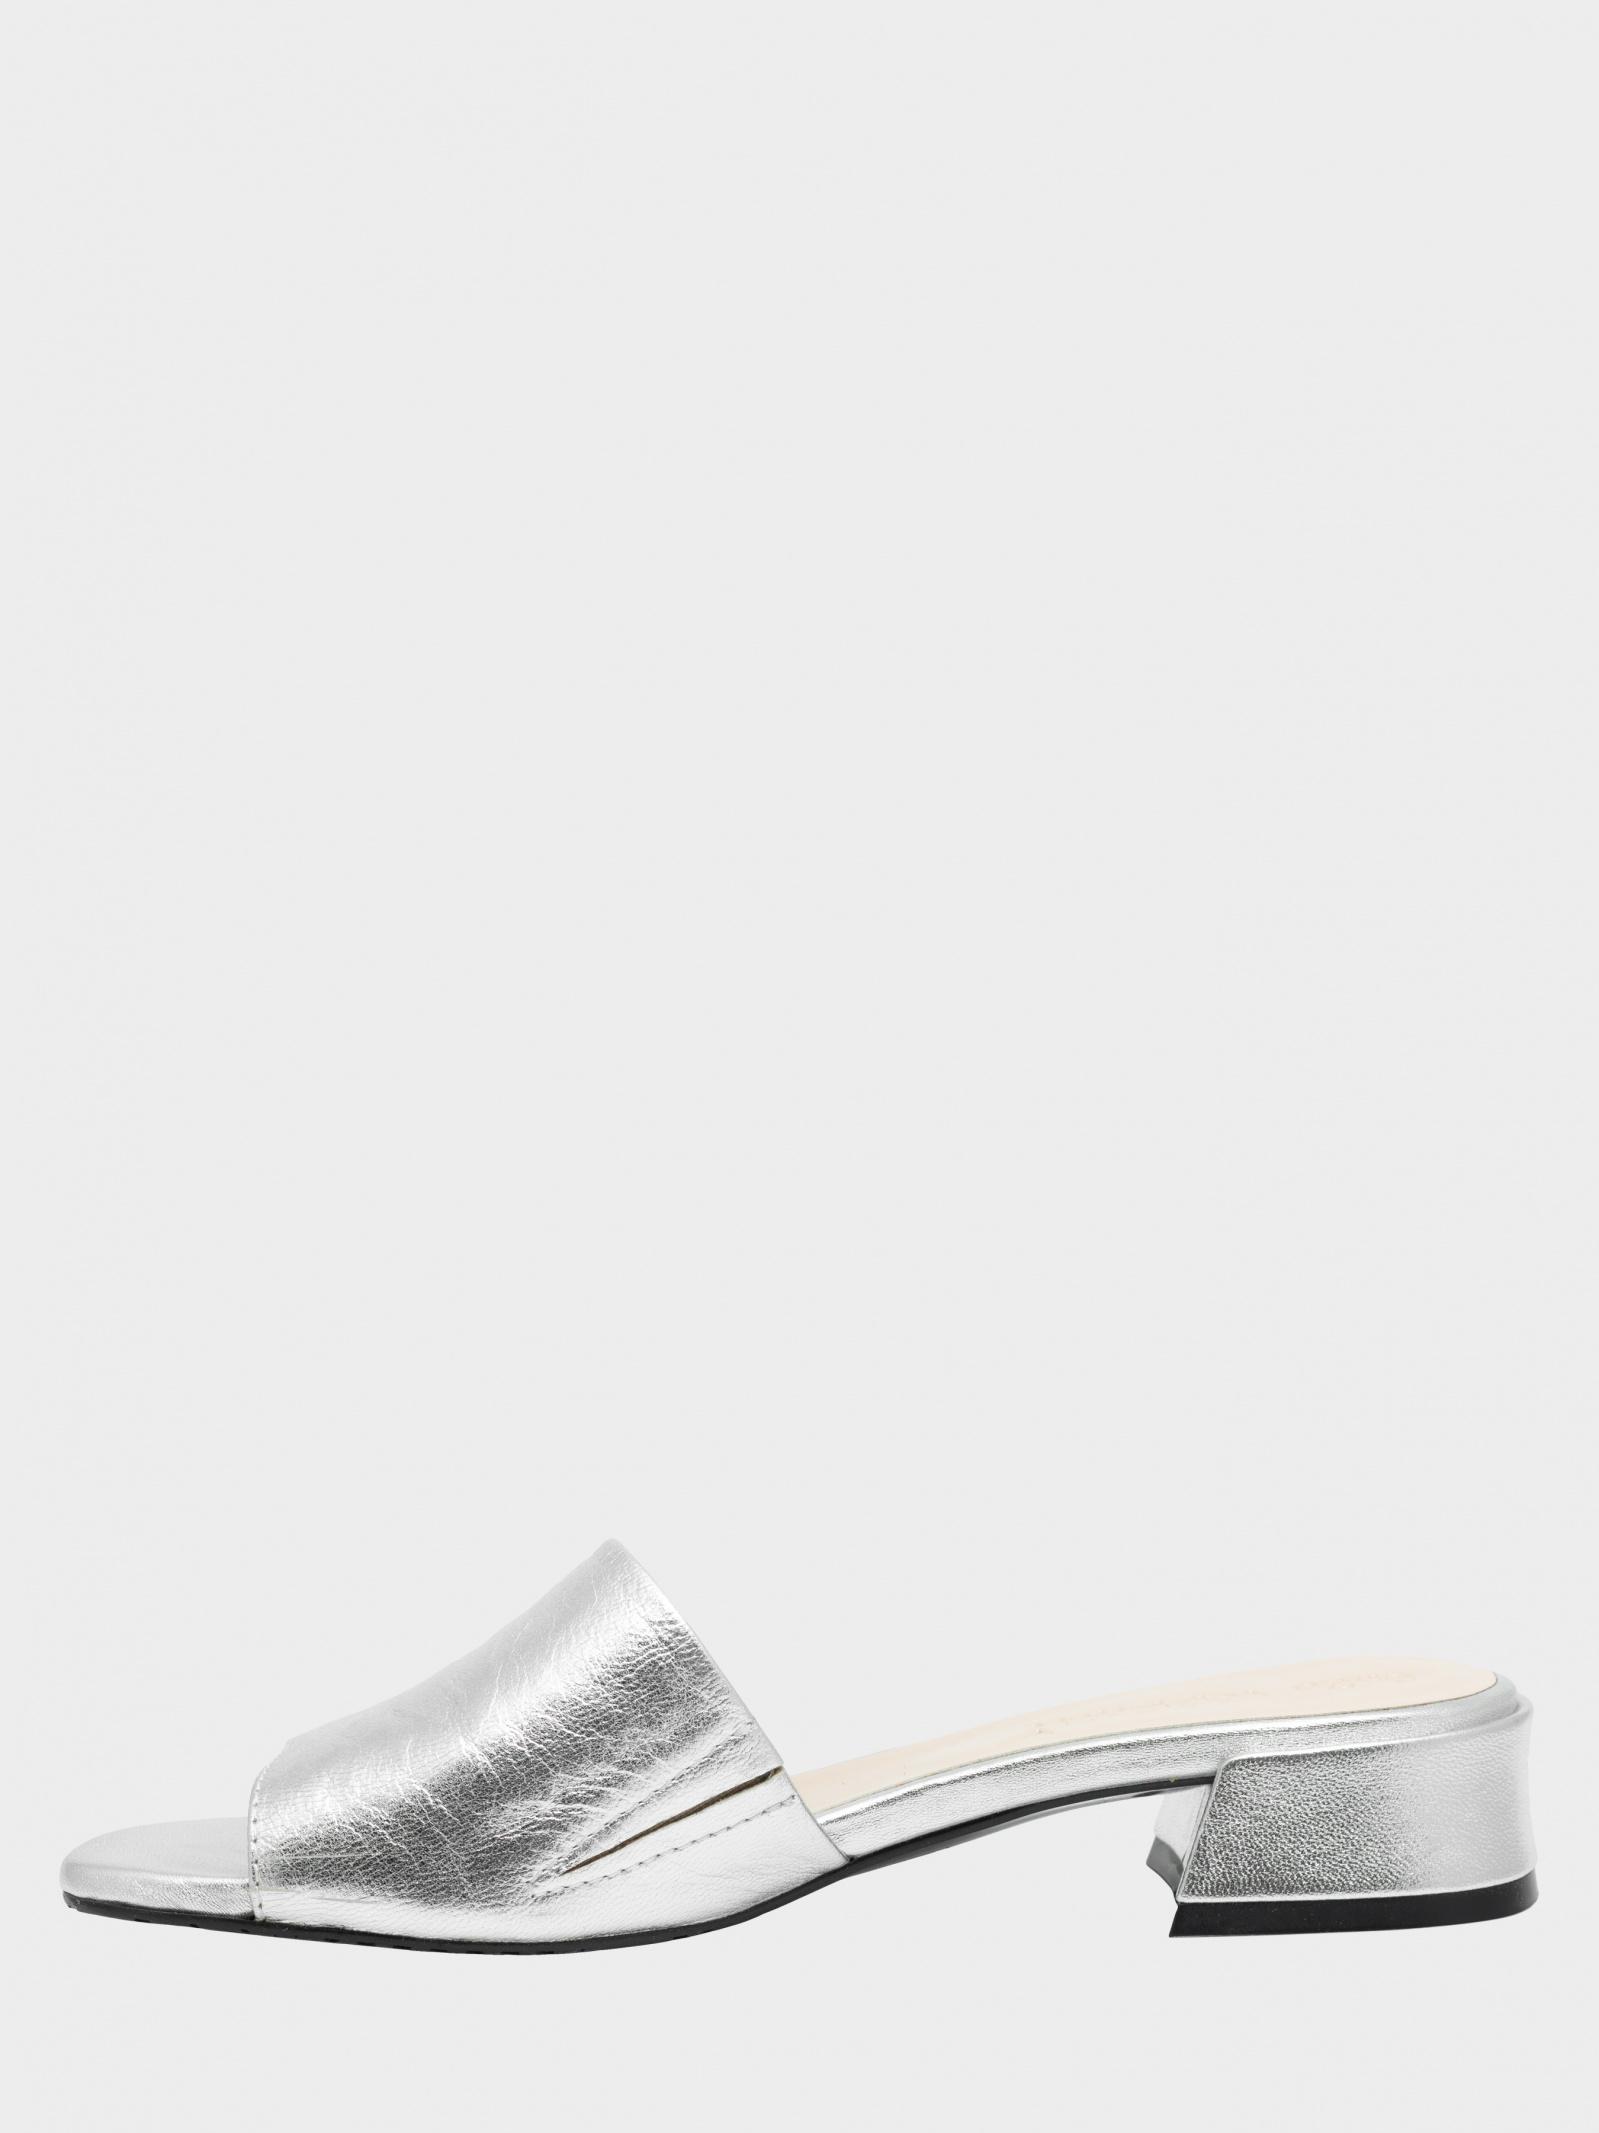 Шльопанці  для жінок Enzo Verratti 18-4-9606-2ar продаж, 2017